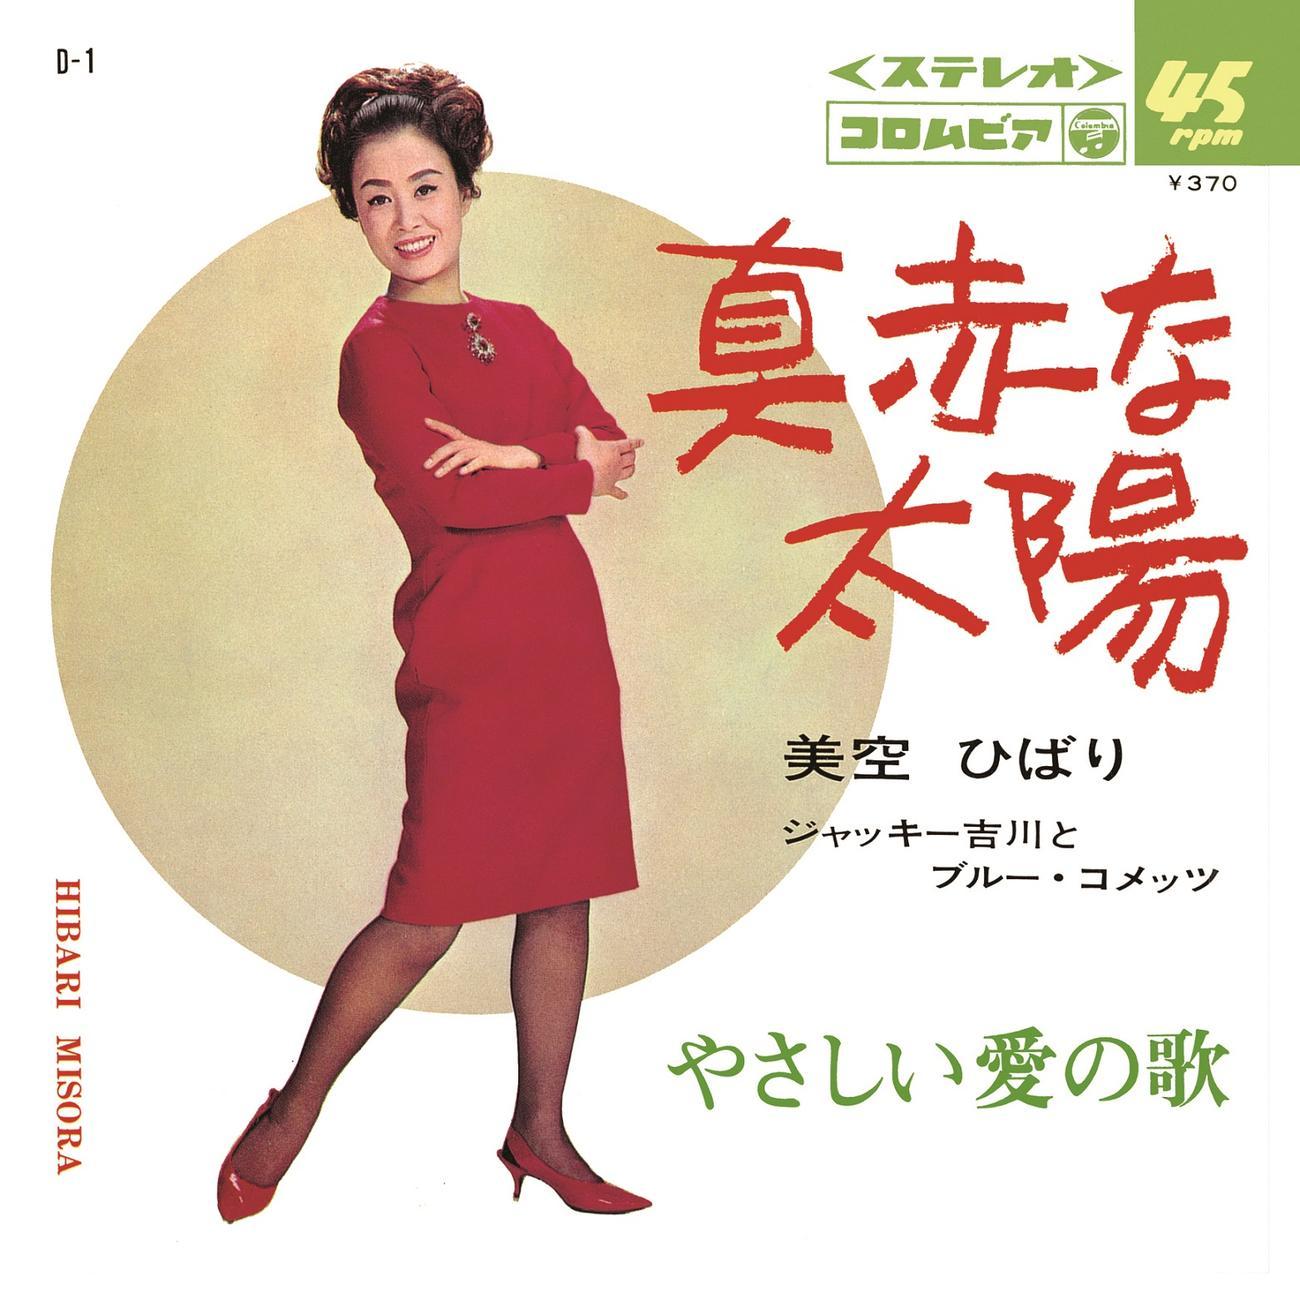 原信夫さんが作曲した美空ひばりさんのヒット曲「真赤な太陽」